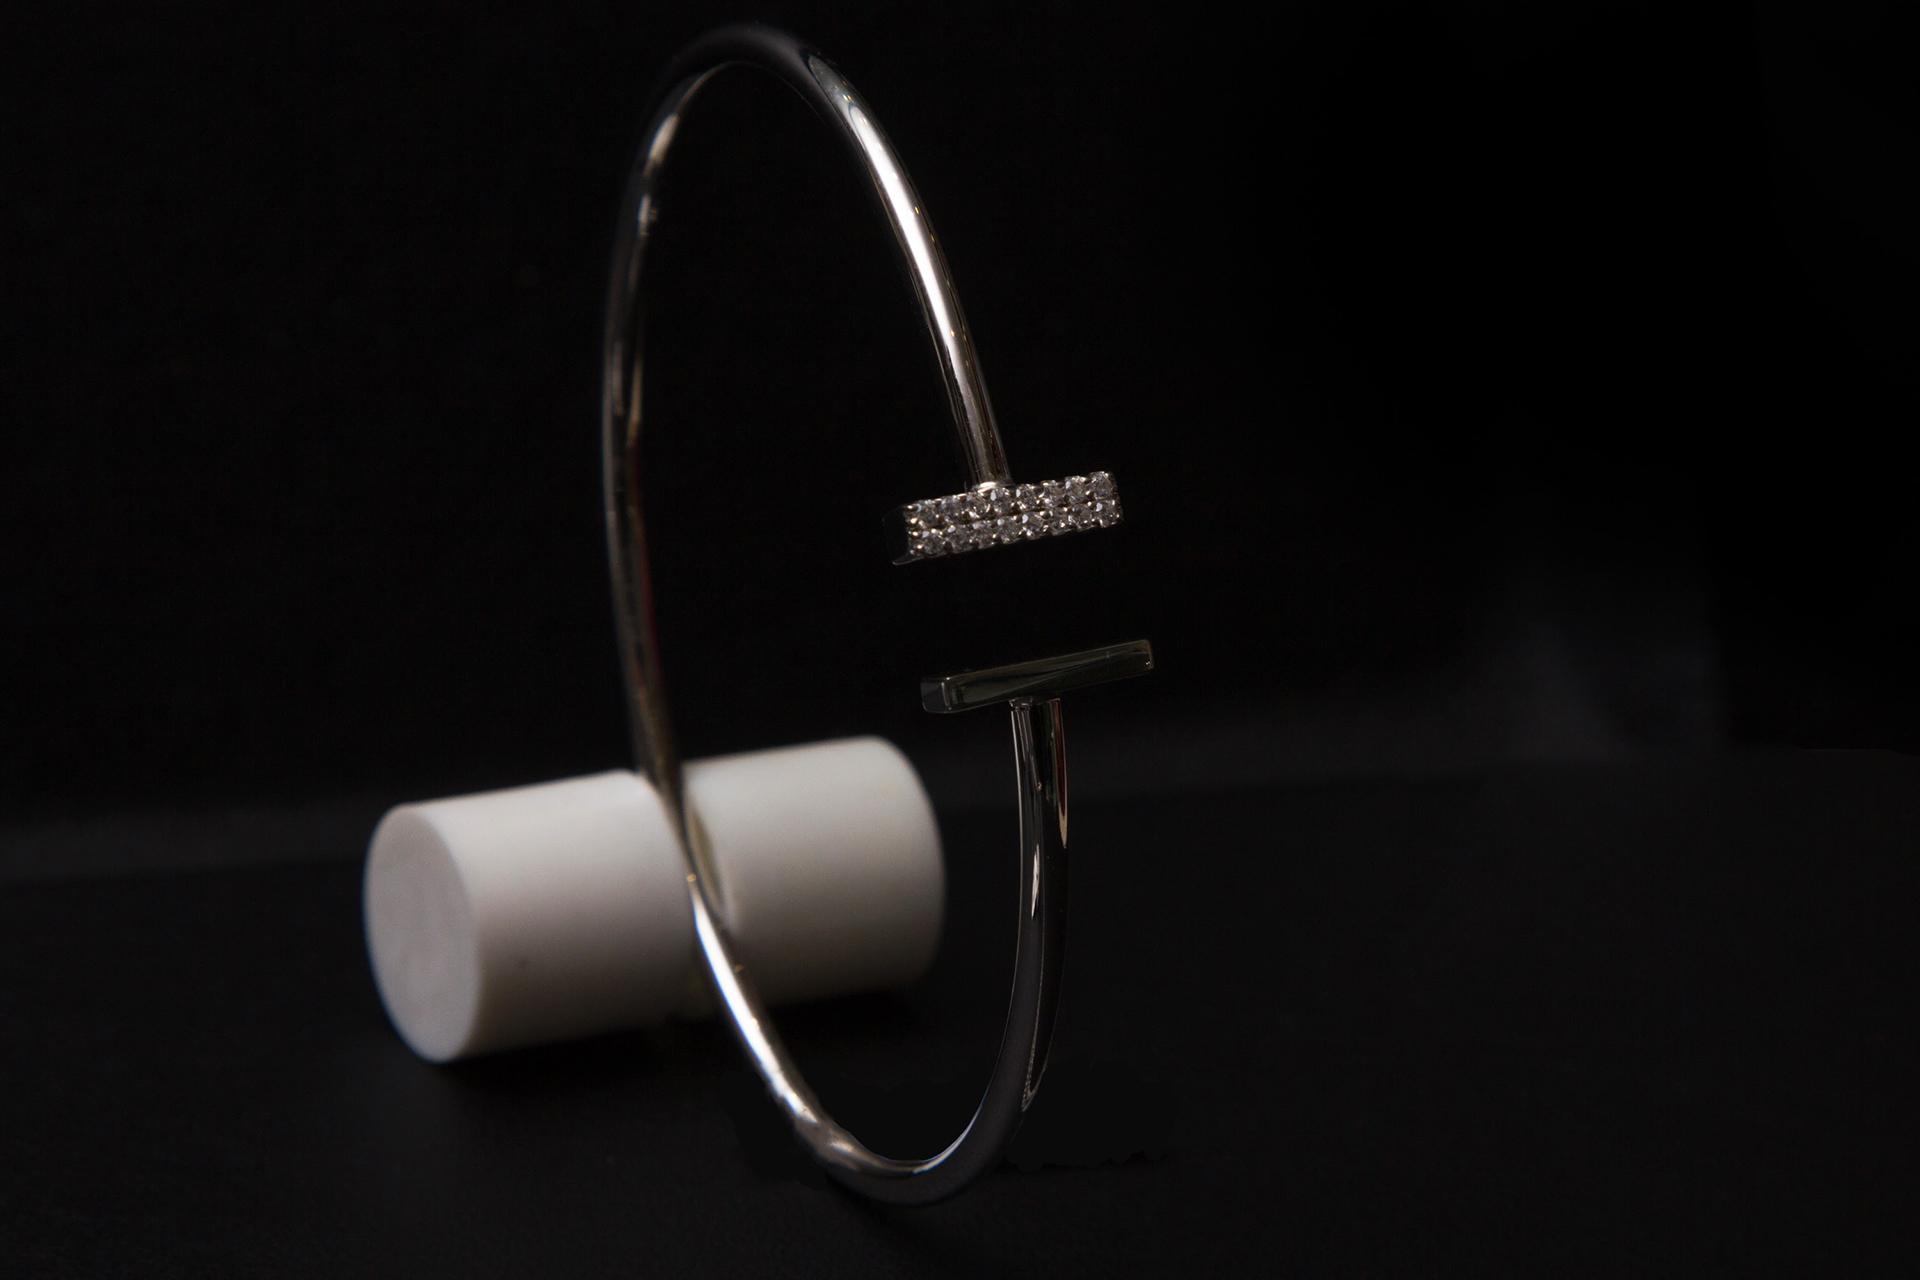 bijouterie-verneau-bracelet-or-diamands-bijoux-cadeau-cadeaux-toulon-var